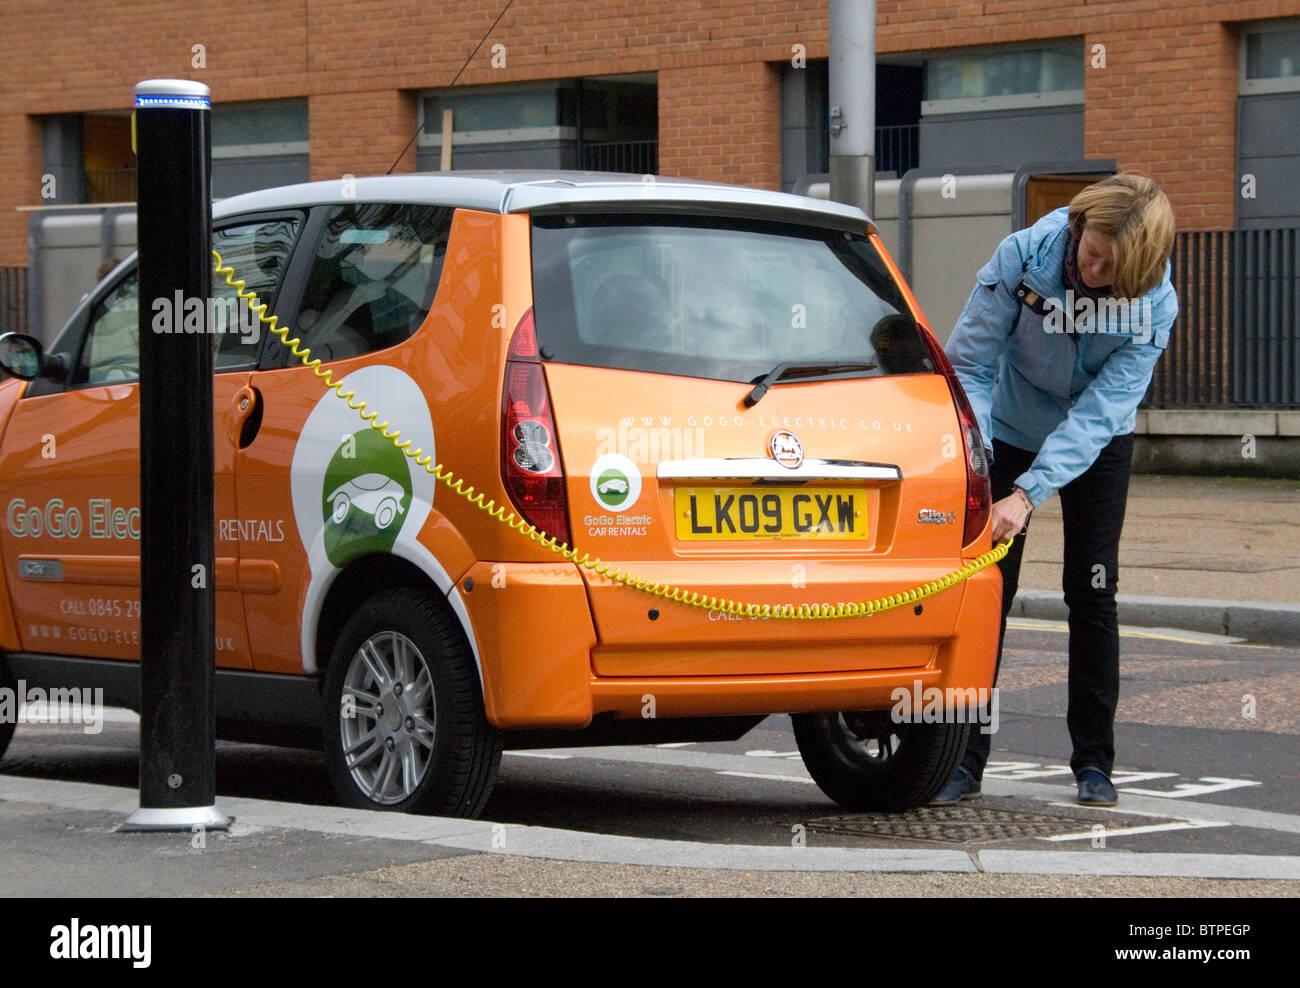 Donna intasamenti nel veicolo elettrico EV a libero parcheggio EV bay South Bank di Londra UK GoGo veicolo elettrico Immagini Stock